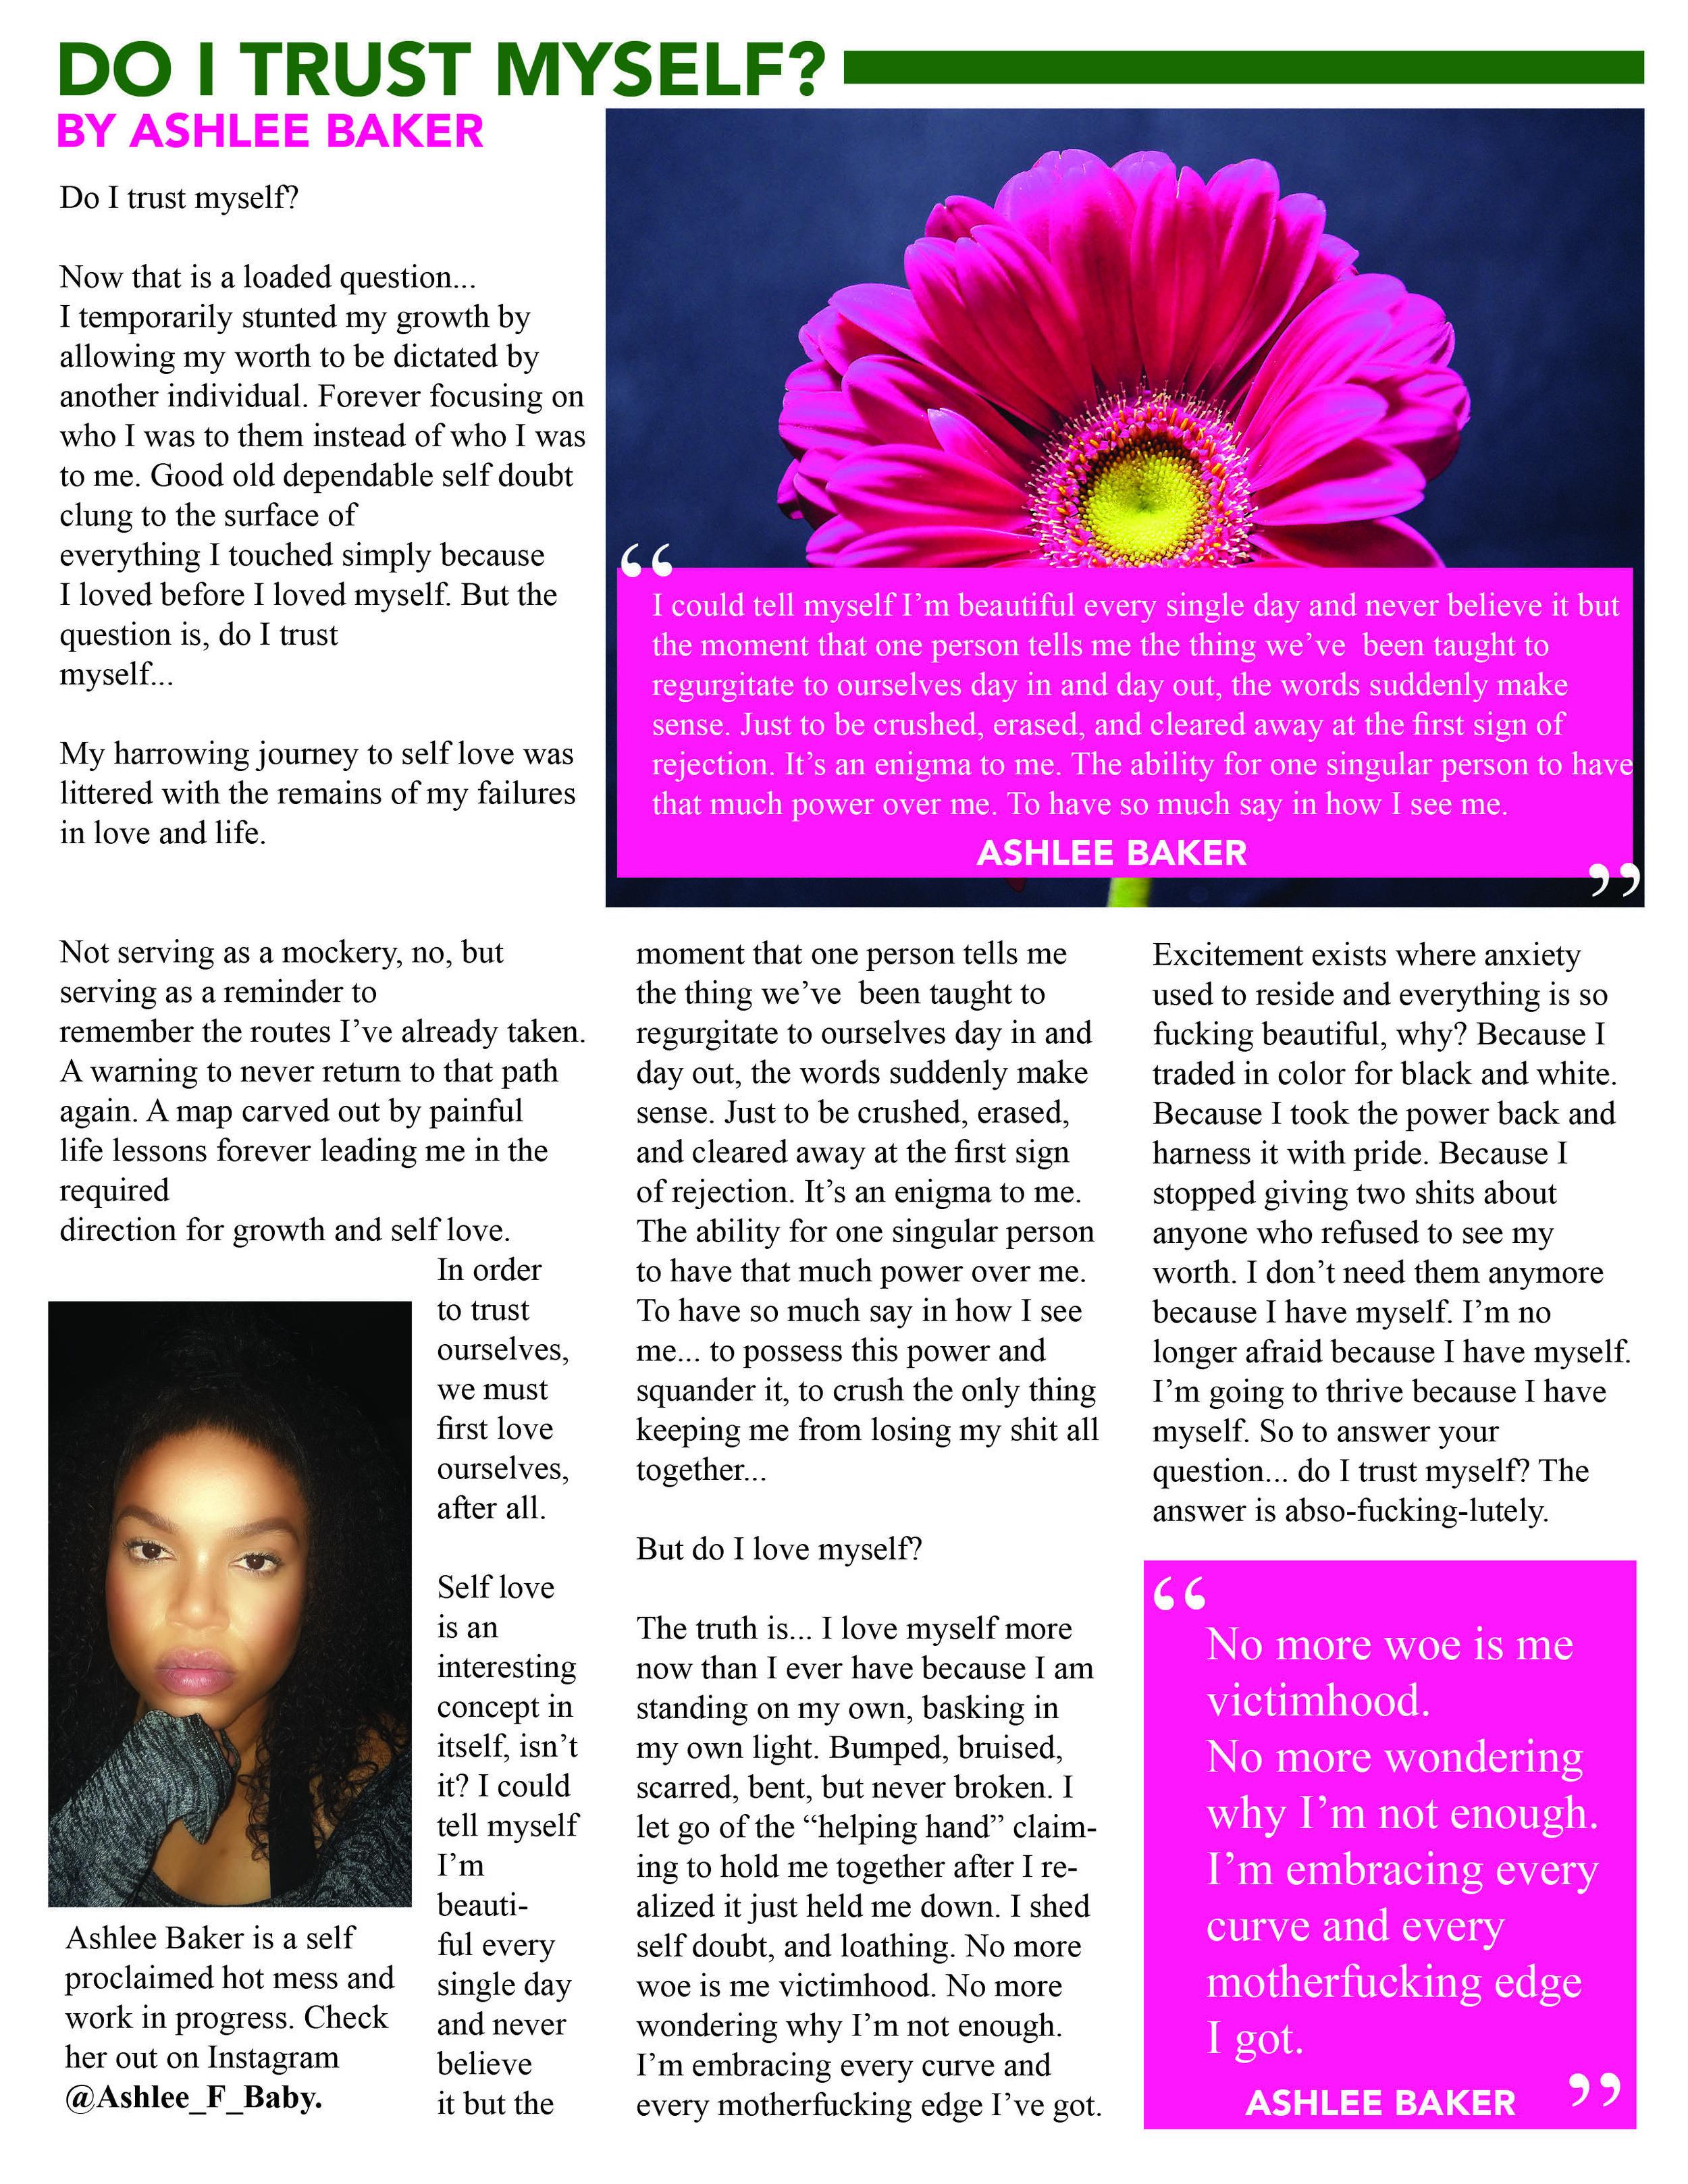 dearbodymagazine-edition414.jpg